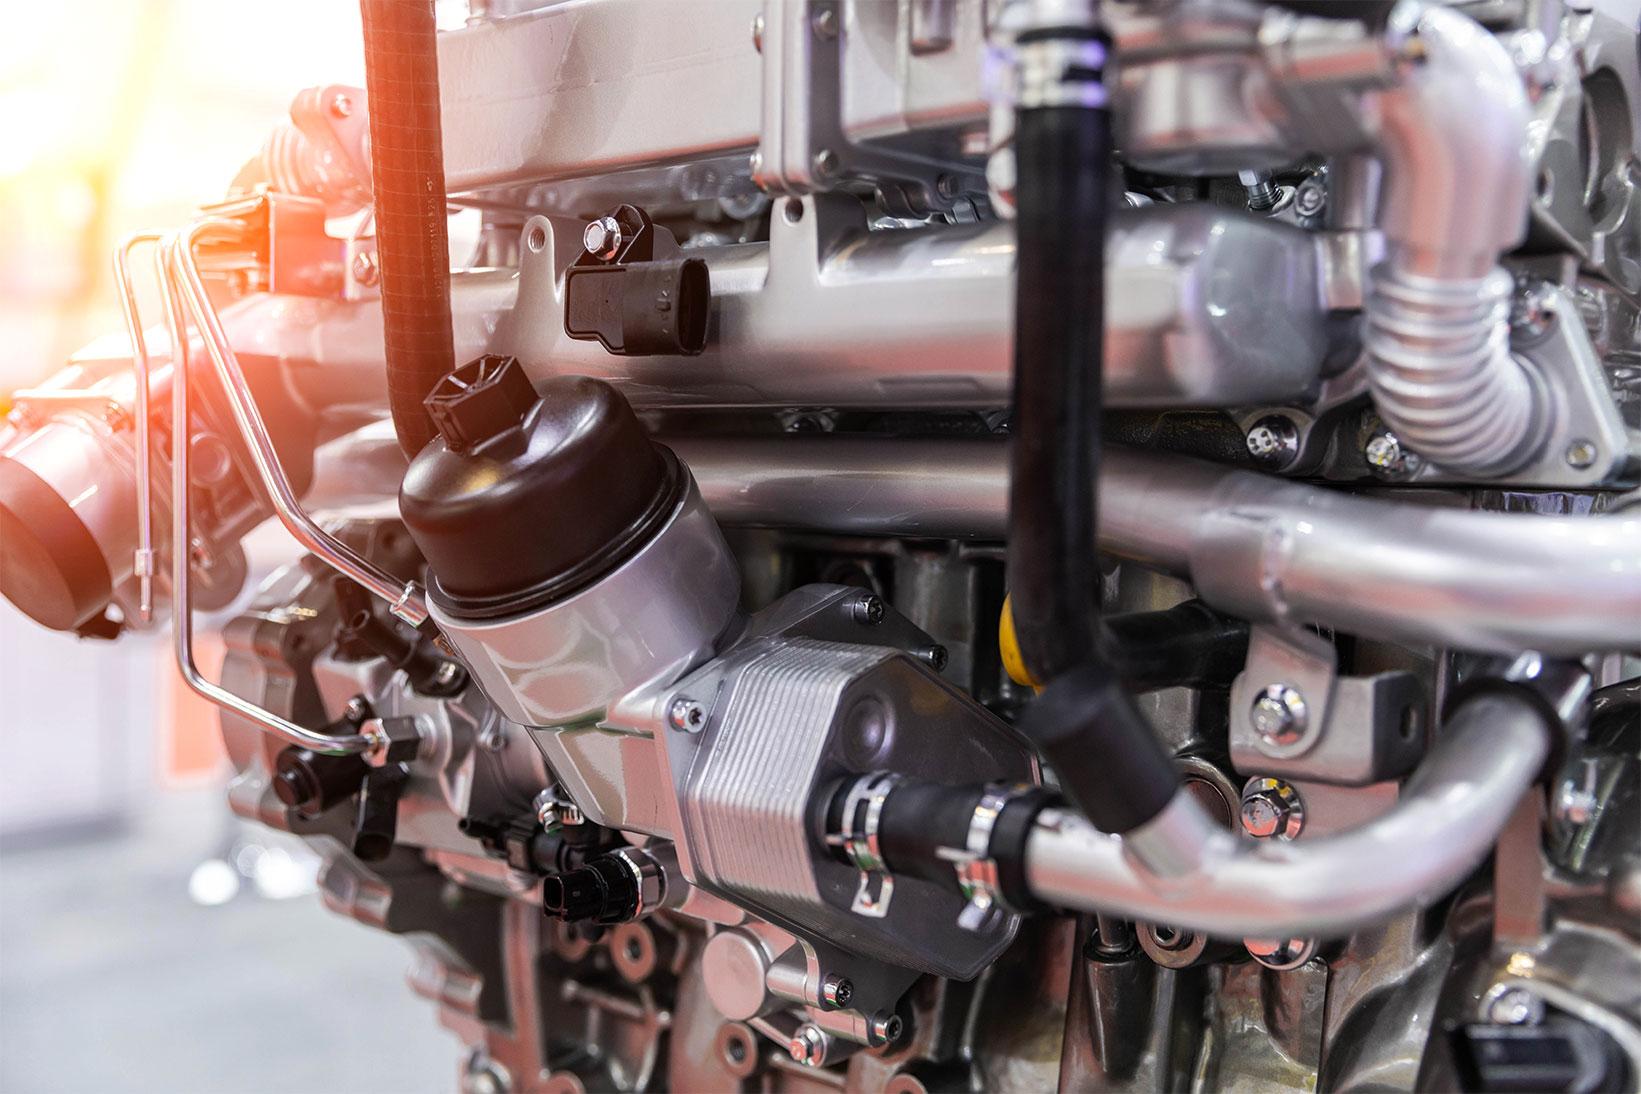 Closeup of car engine